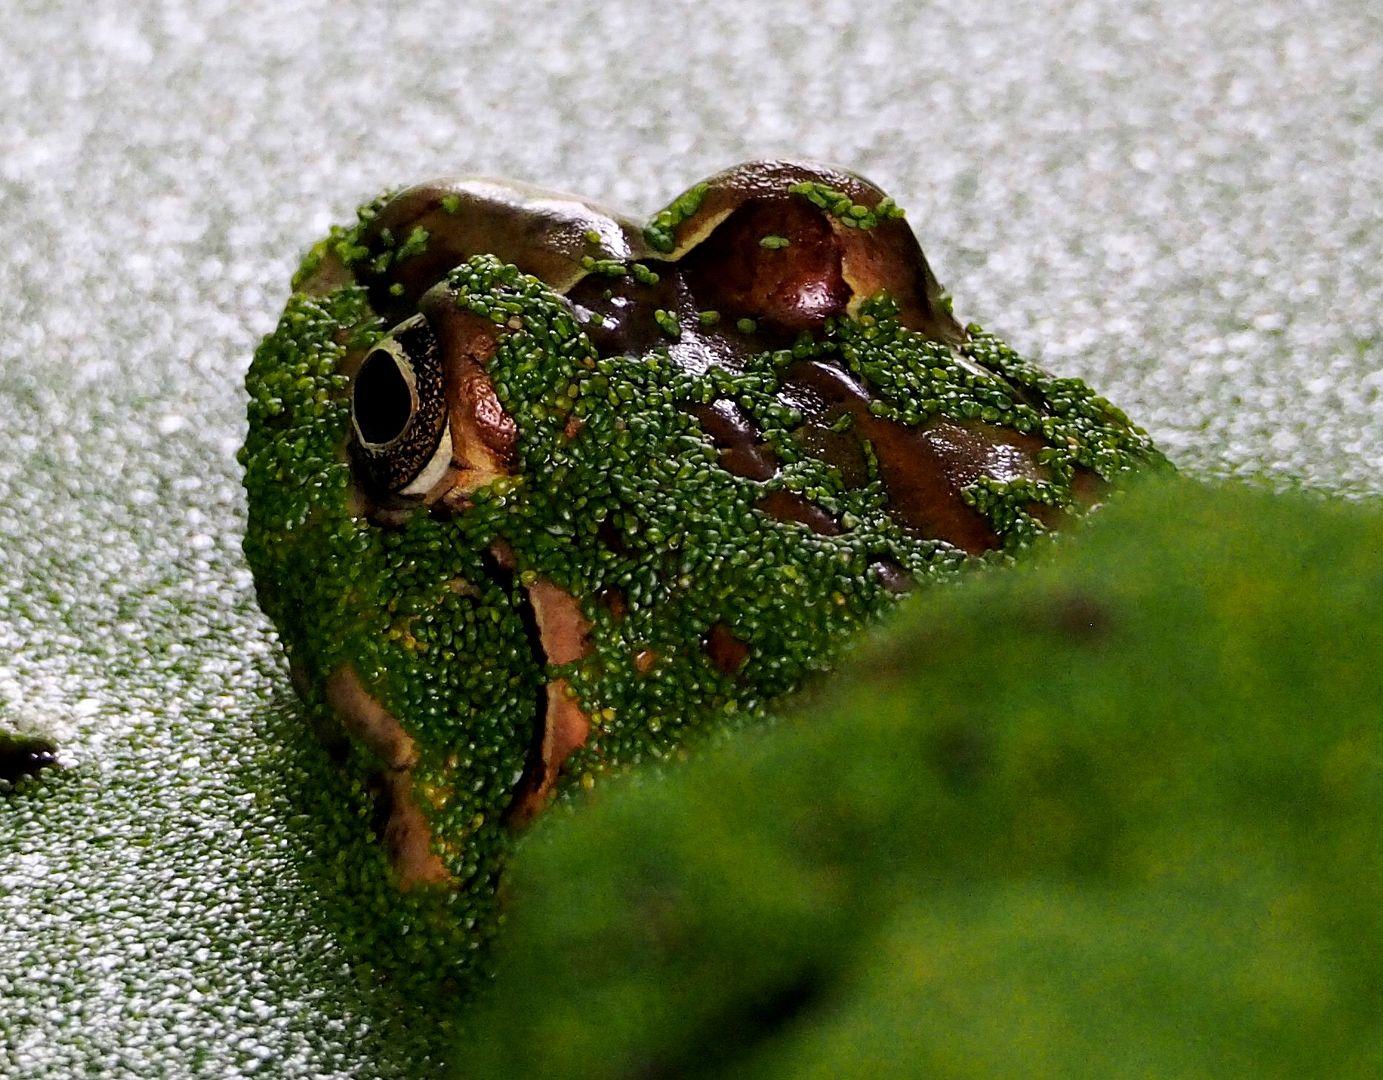 Crapauds et grenouilles!!(Ajoute une) PC270002_zpsxs3s3rvm